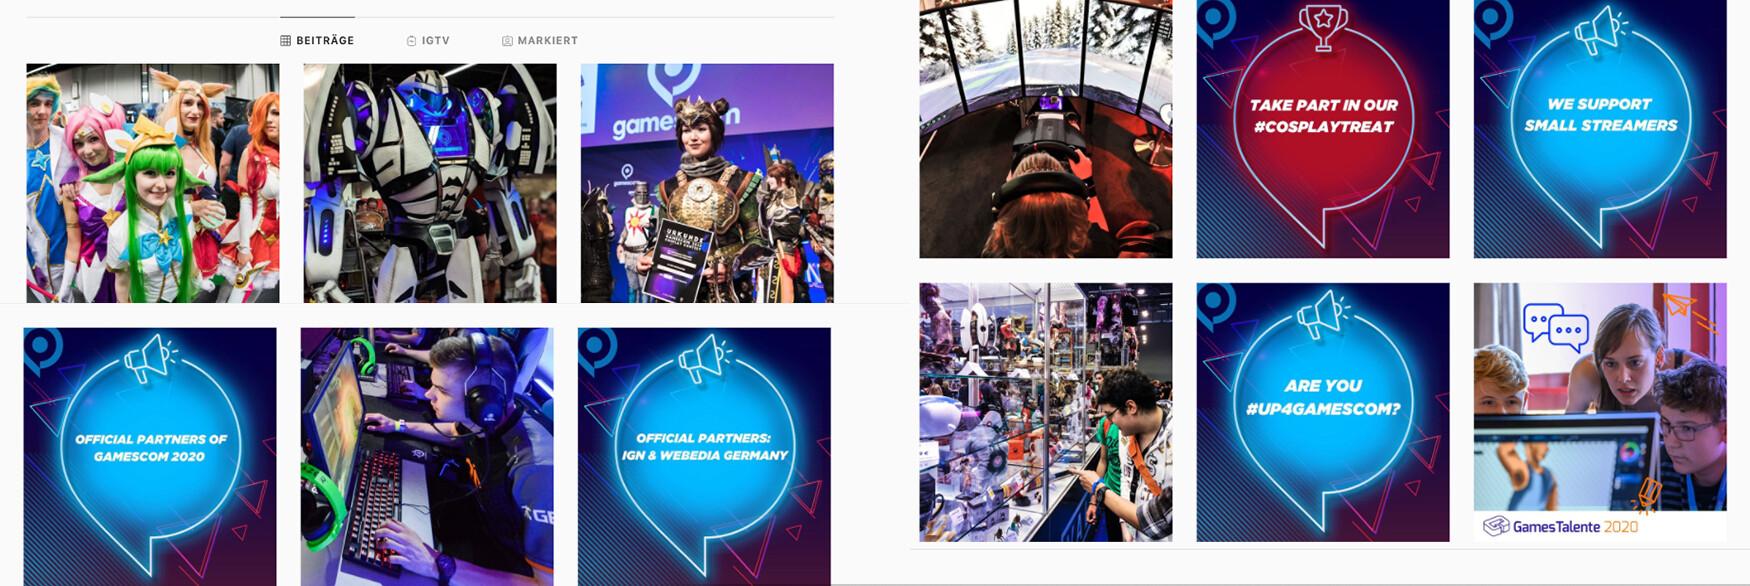 Content Relations Social Media gamescom